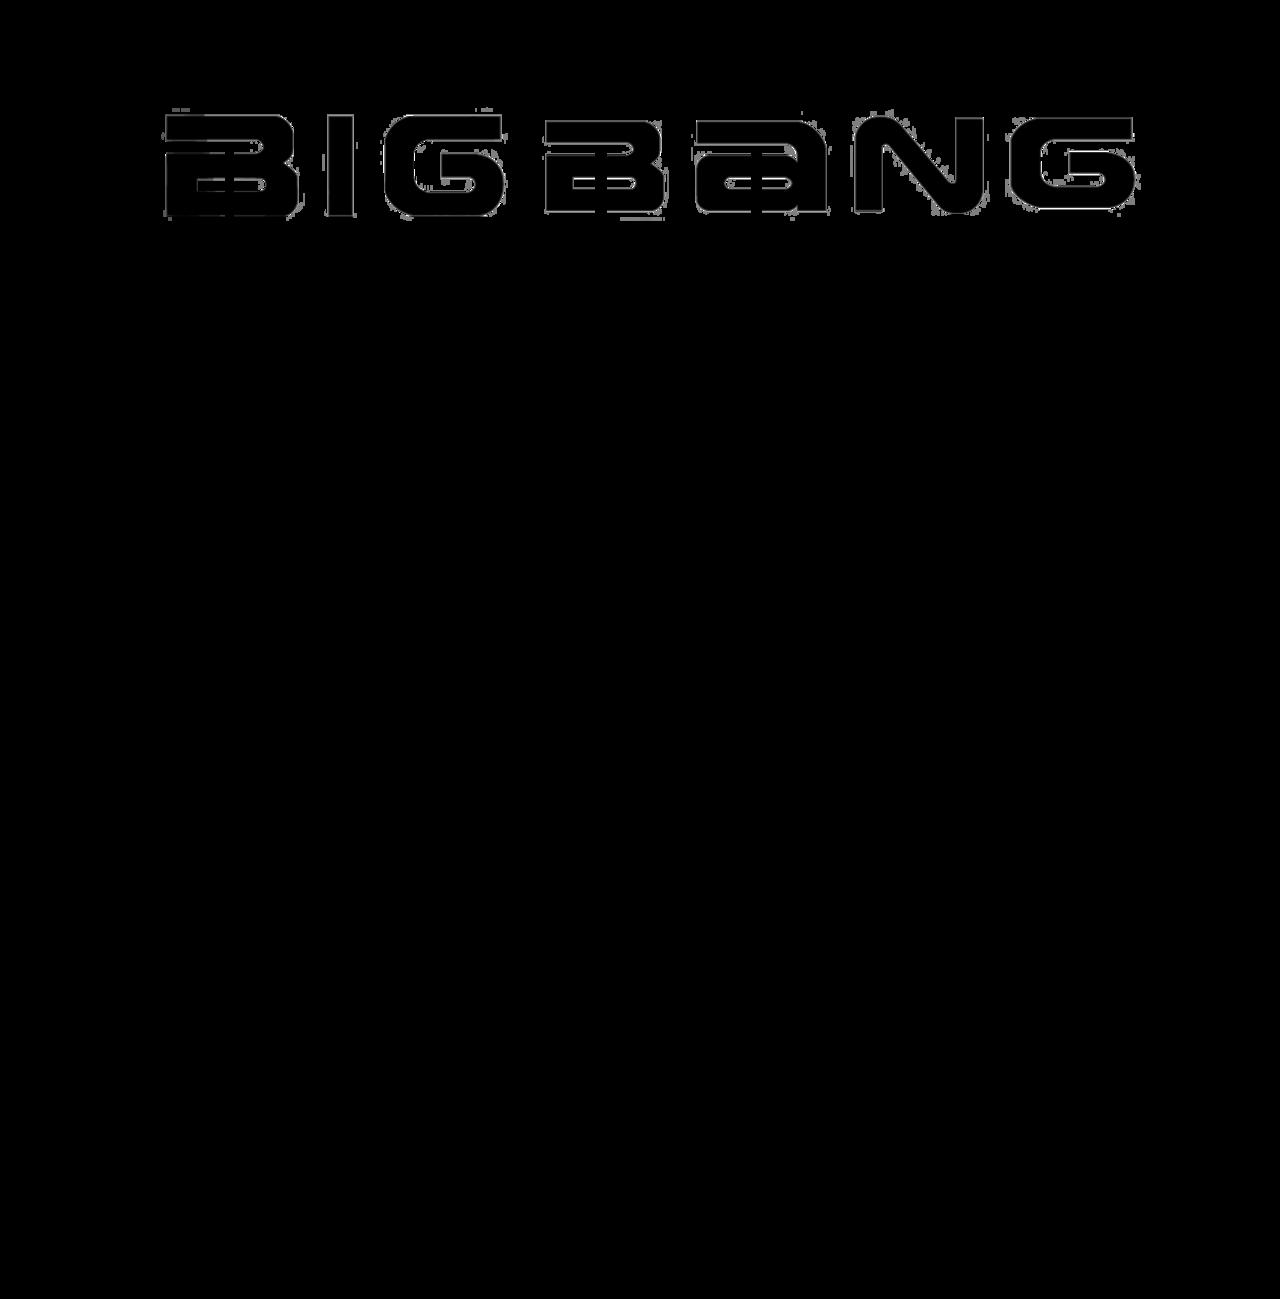 resultado de imagem para 2ne1 logo kpop logos k pop pinterest rh pinterest com au 2ne1 lonely chords 2ne1 lonely mp3 download